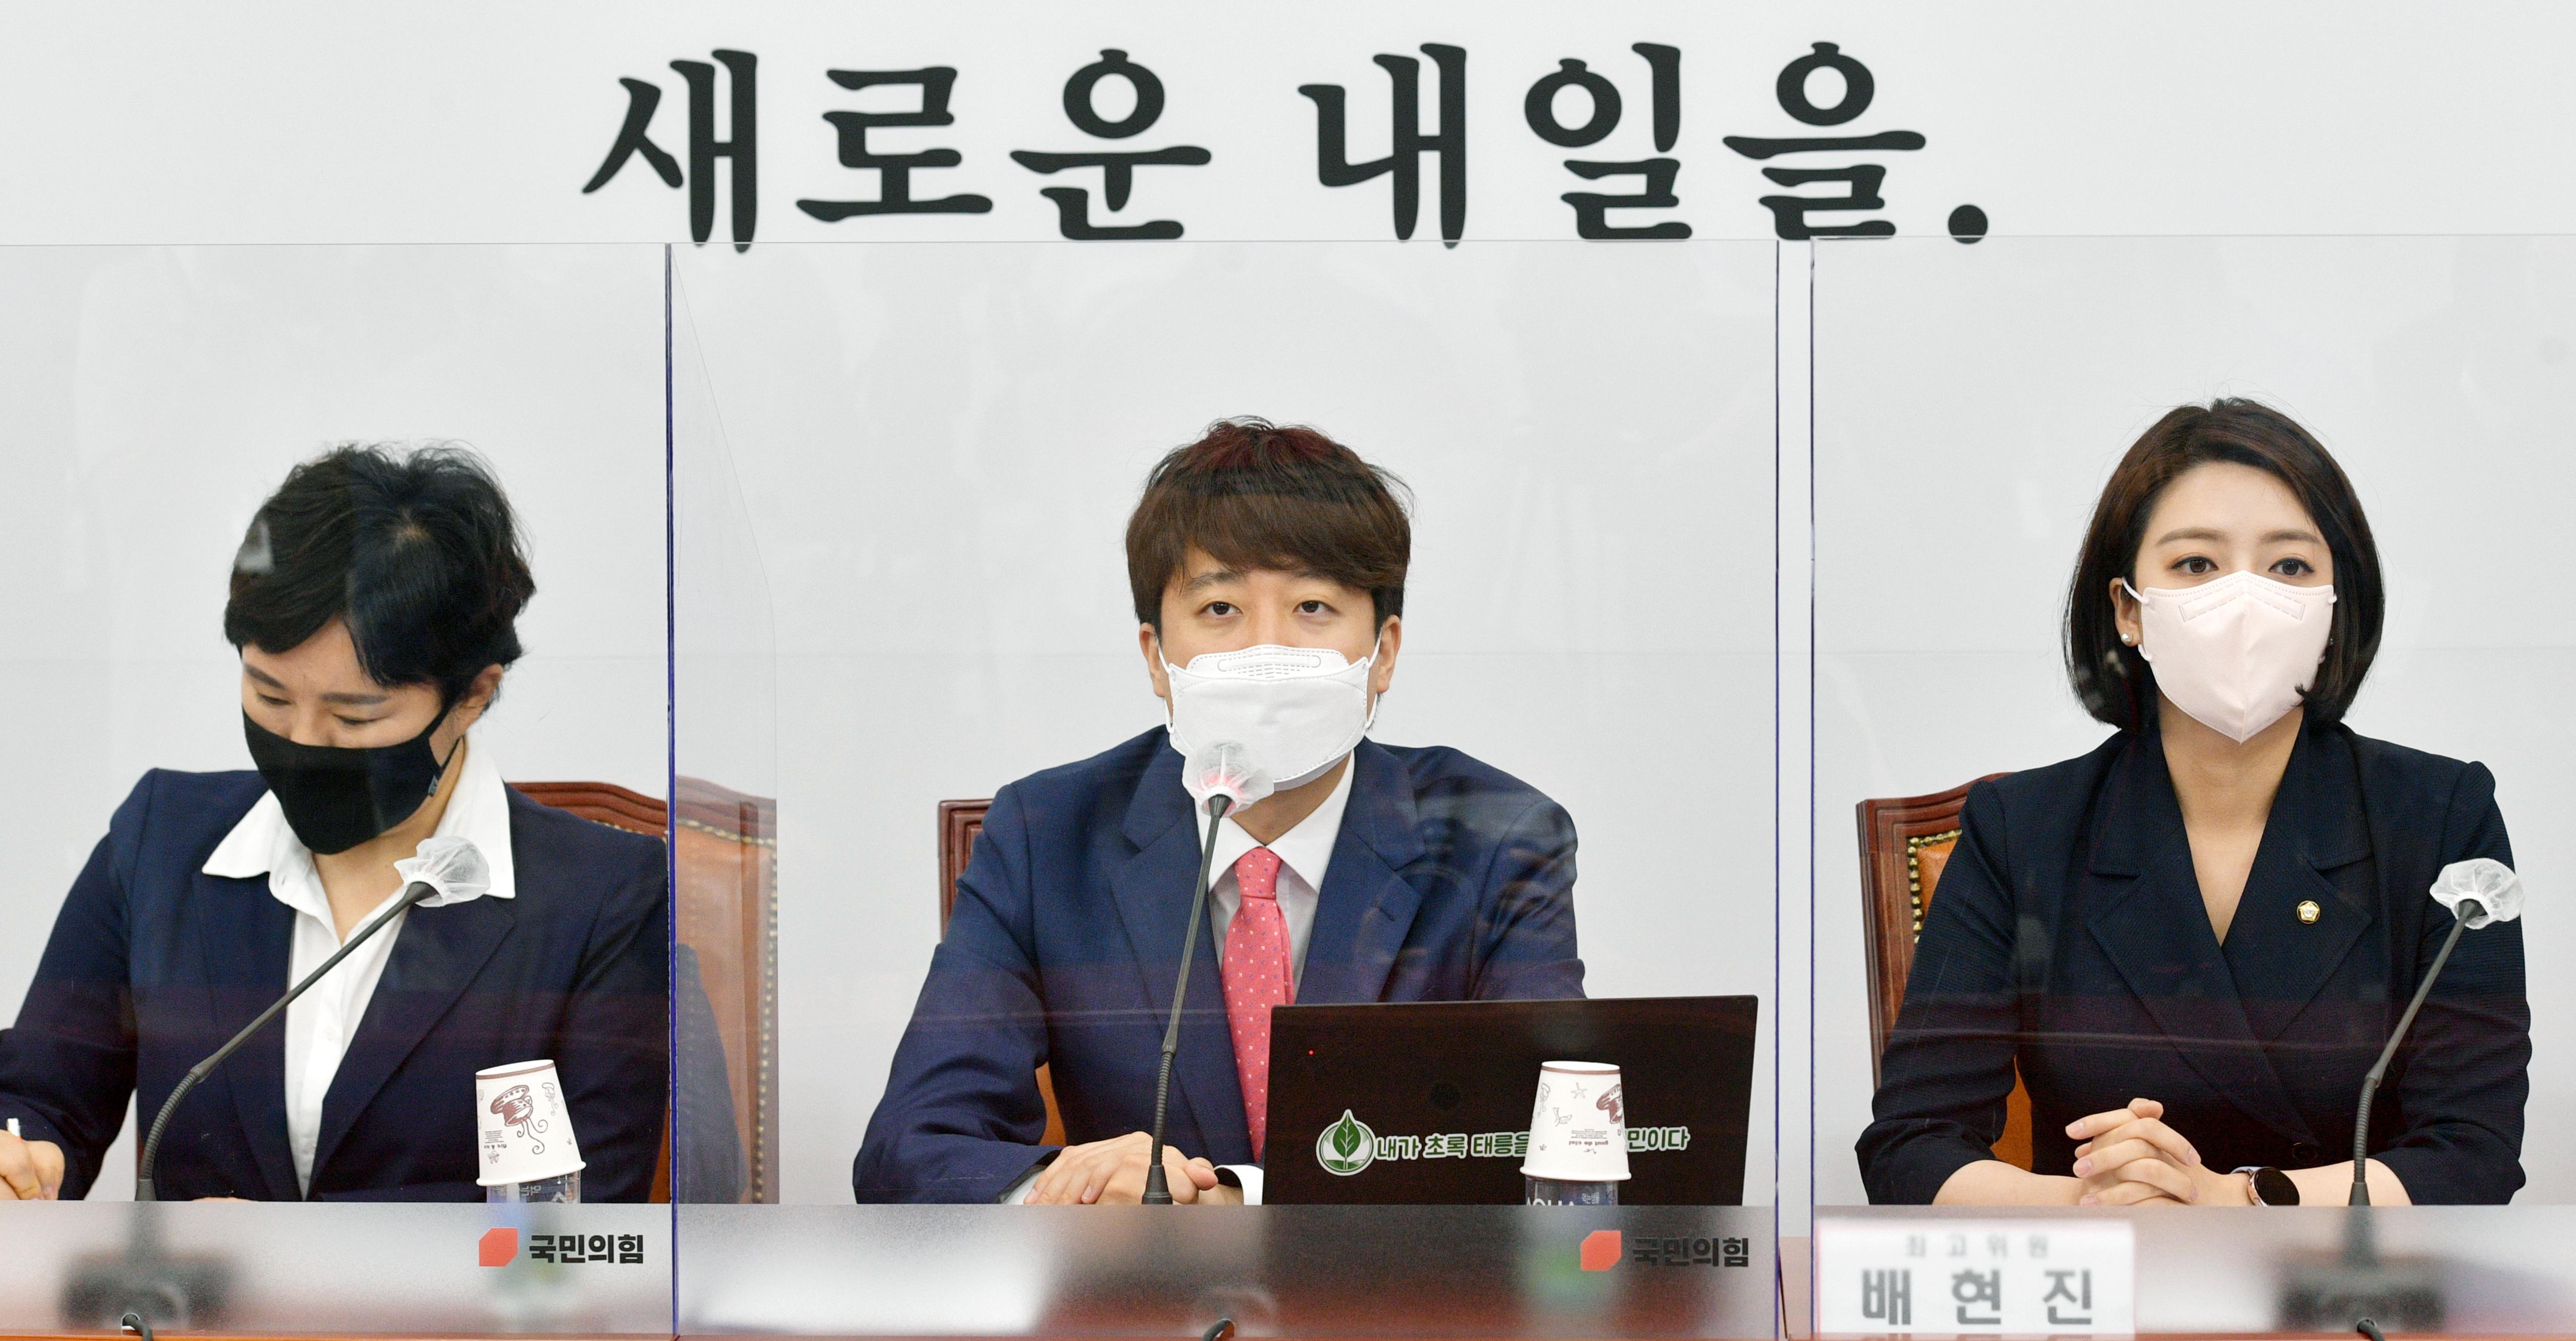 """野 이준석 """"내용없는 X파일, 국민 피로감·정치권 짜증 유발할 뿐"""""""